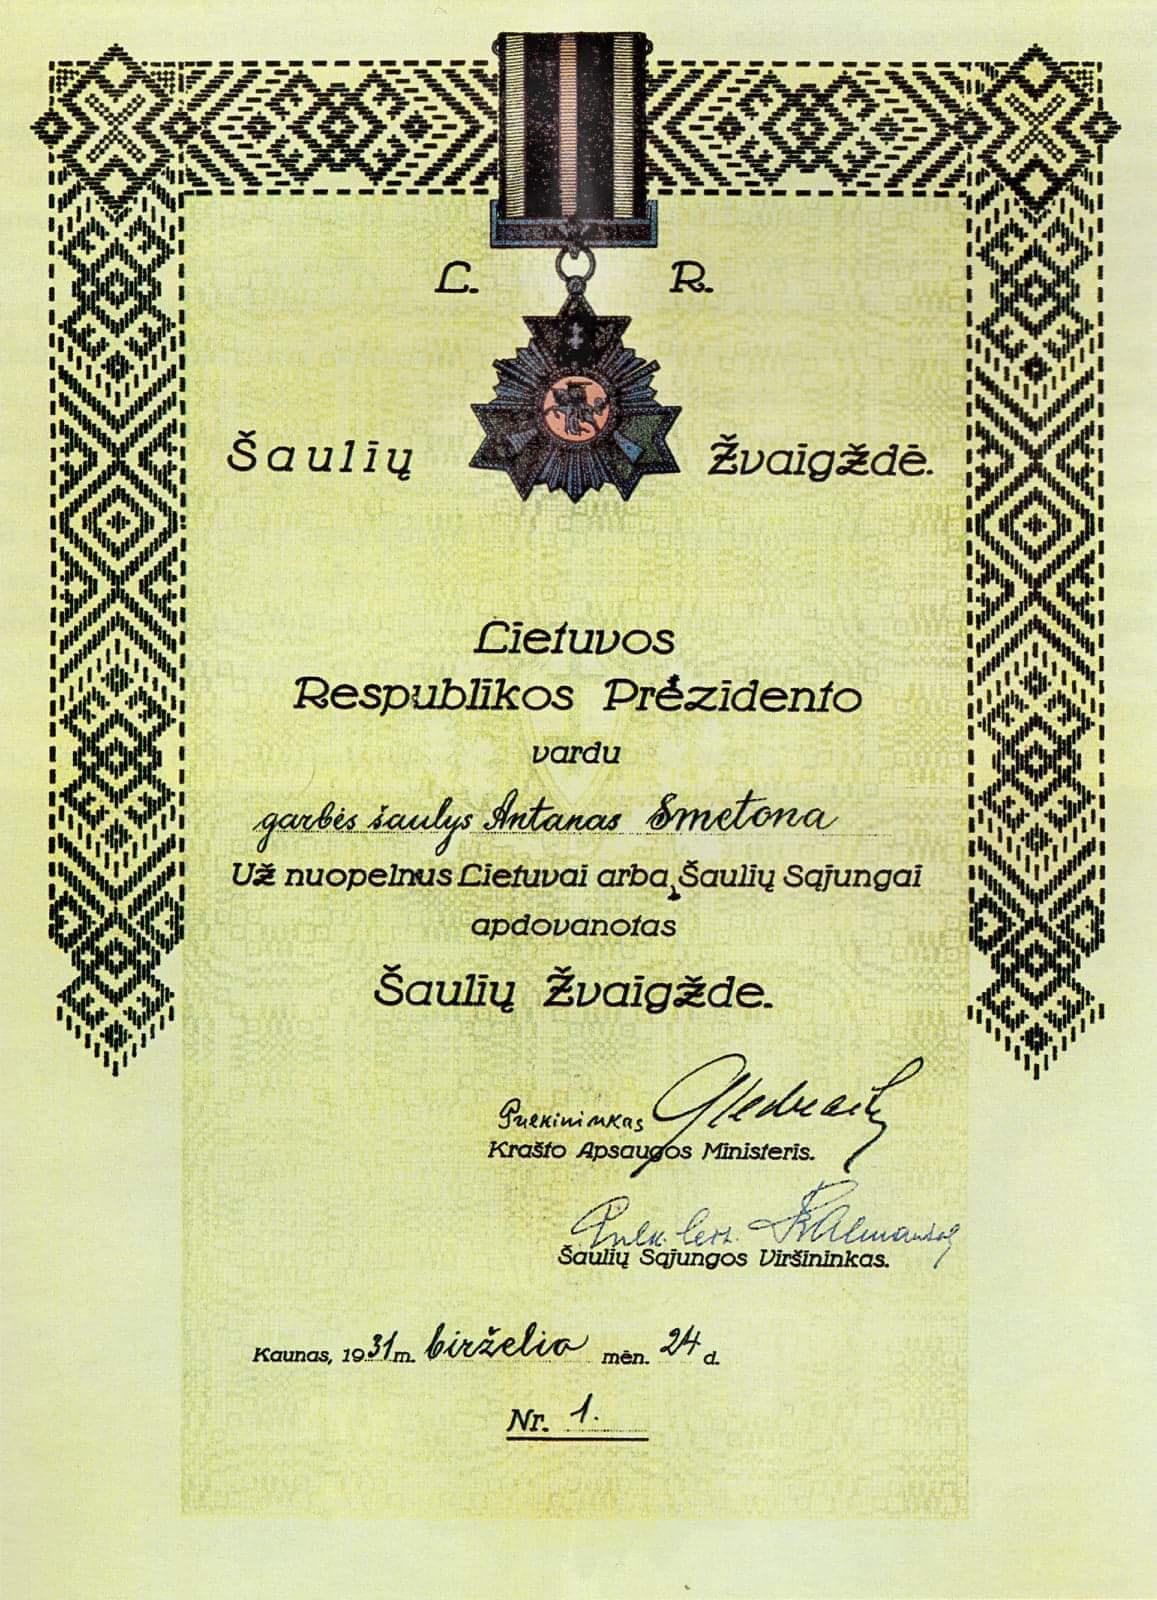 Garbes šaulio Prezidento A. Smetonos apdovanojimo liudijimas,iš kolekcininko V. Kavaliausko rinkinio | V. Kavaliausko nuotr.